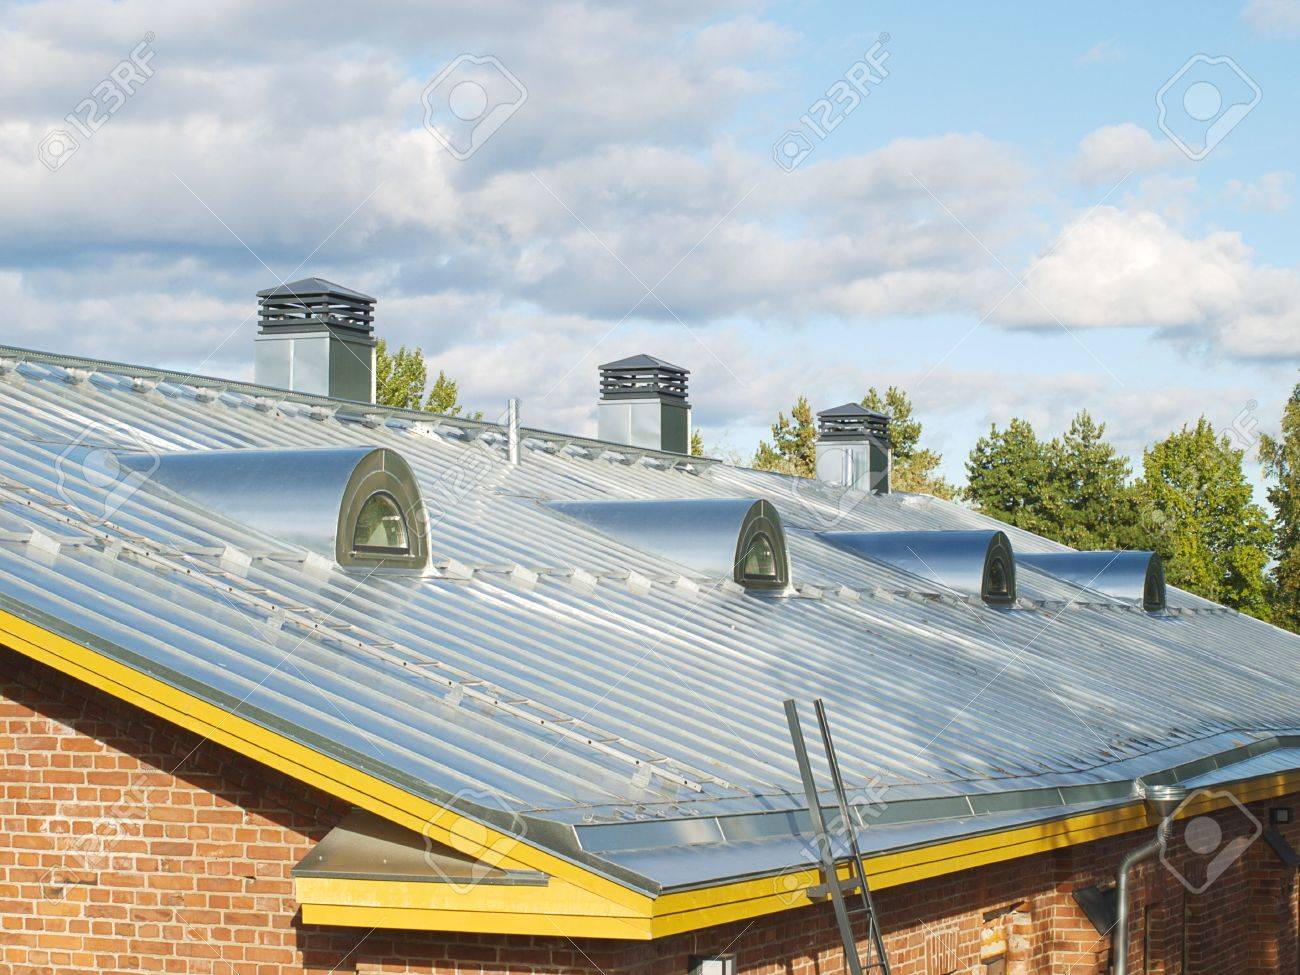 Nuevo Acero Lanzó El Techo Con Conductos De Aire Y Sistema De ...